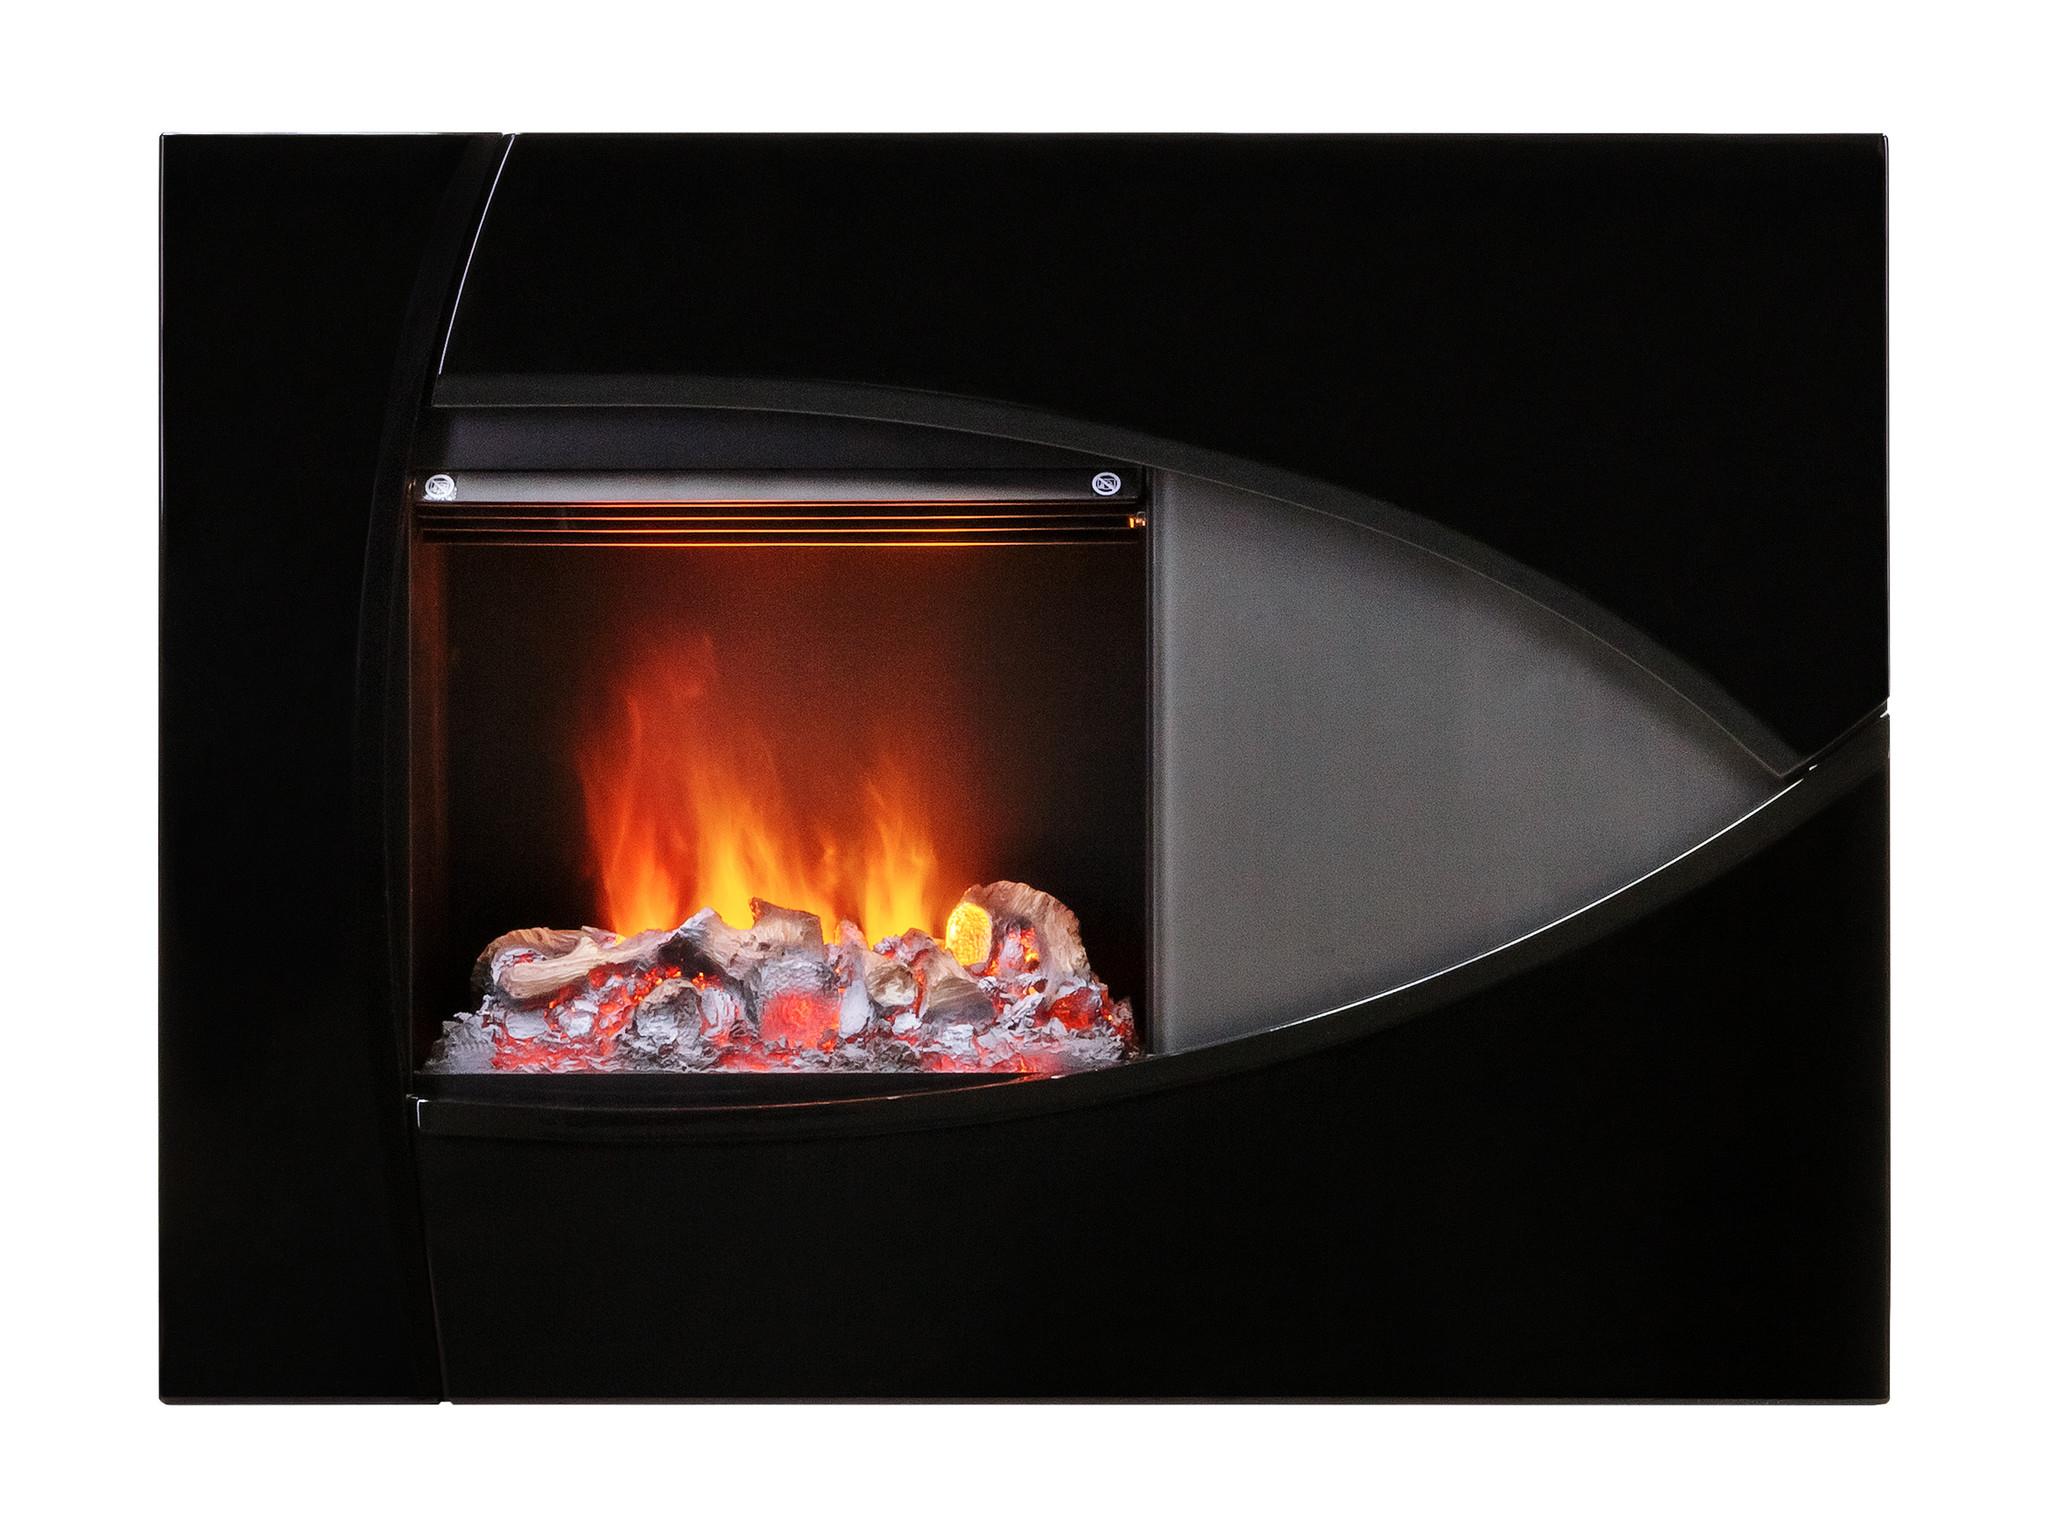 Очаг BurbankКамины, порталы и очаги<br>&amp;lt;div&amp;gt;Благодаря уникальной технологии Opti-Myst, Dimplex Burbank&amp;amp;nbsp; является не только прекрасным интерьерным решением и доставляют эстетическое удовольствие от созерцания горящего пламени, но и увлажняют воздух, что благотворно влияет на здоровье и создает комфортный микроклимат в помещении.&amp;amp;nbsp;&amp;lt;/div&amp;gt;&amp;lt;div&amp;gt;&amp;lt;br&amp;gt;&amp;lt;/div&amp;gt;&amp;lt;div&amp;gt;Характеристики:&amp;lt;/div&amp;gt;&amp;lt;div&amp;gt;Тип очага: навесной&amp;lt;/div&amp;gt;&amp;lt;div&amp;gt;Технология пламени: Opti-Myst&amp;lt;/div&amp;gt;&amp;lt;div&amp;gt;Пульт Д/У: В комплекте&amp;lt;/div&amp;gt;&amp;lt;div&amp;gt;Эффект тления дров: Нет&amp;lt;/div&amp;gt;&amp;lt;div&amp;gt;Парогенератор: Есть&amp;lt;/div&amp;gt;&amp;lt;div&amp;gt;Контроль интенсивности пламени: Есть&amp;lt;/div&amp;gt;&amp;lt;div&amp;gt;Мощность обогрева:&amp;amp;nbsp; 1-2 кВт&amp;lt;/div&amp;gt;<br><br>Material: Пластик<br>Ширина см: 94.0<br>Высота см: 69.0<br>Глубина см: 18.2